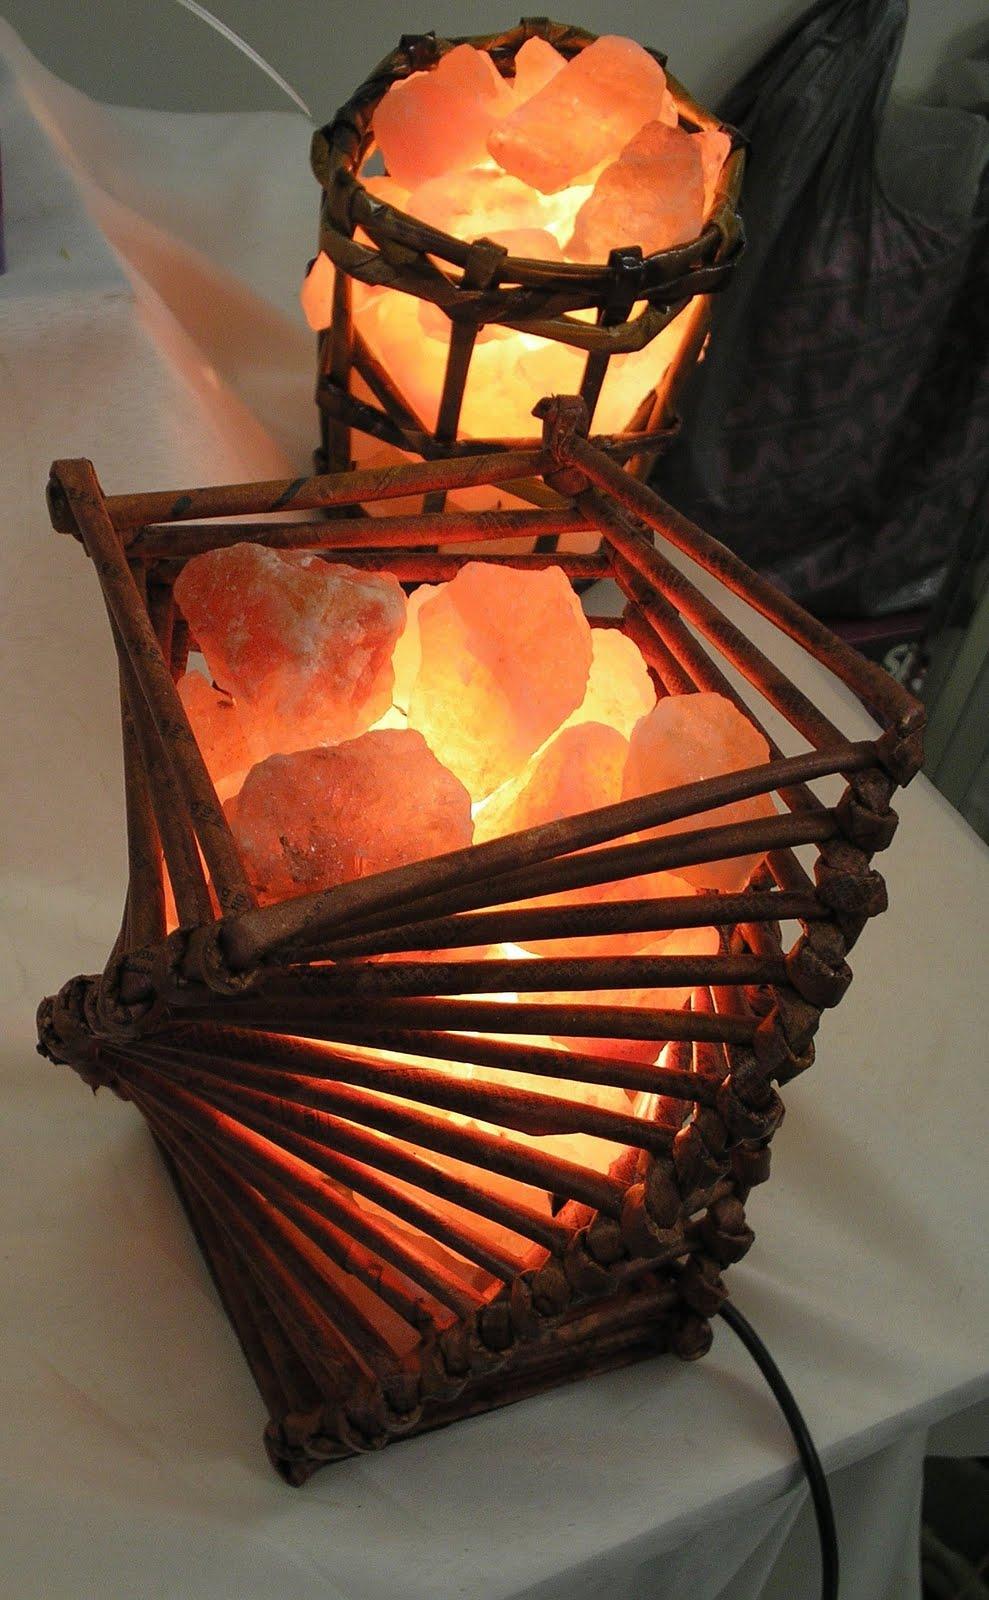 Objetos y deco lamparas de sal del himalaya modelo - Piedra de sal del himalaya ...